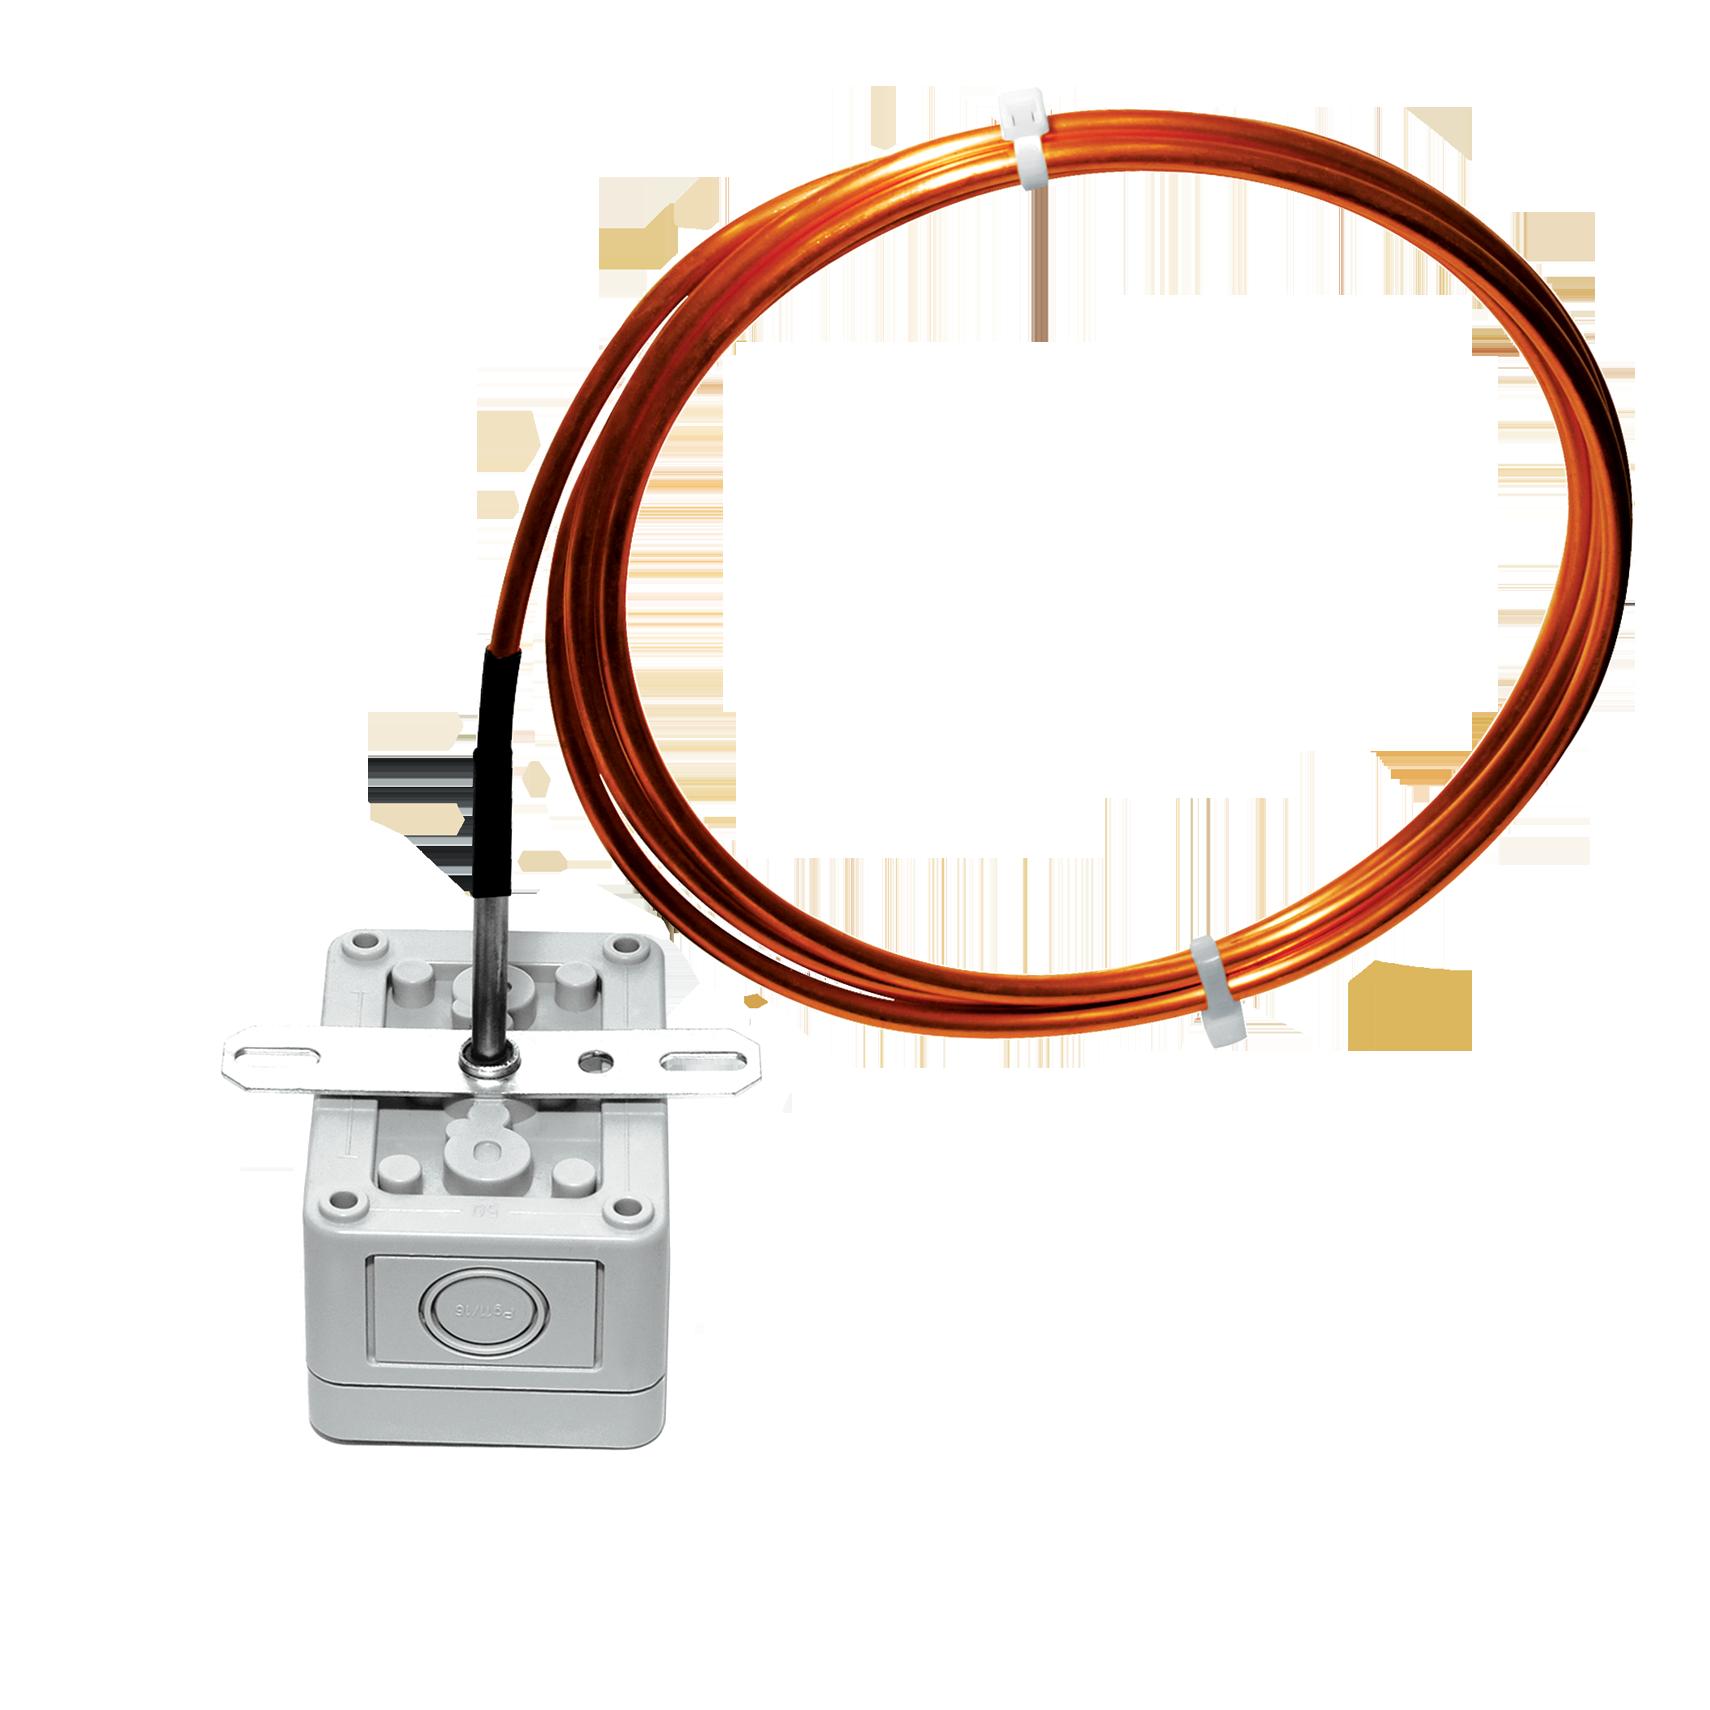 ACI A/592-A-24'-4X Averaging Temperature Sensor